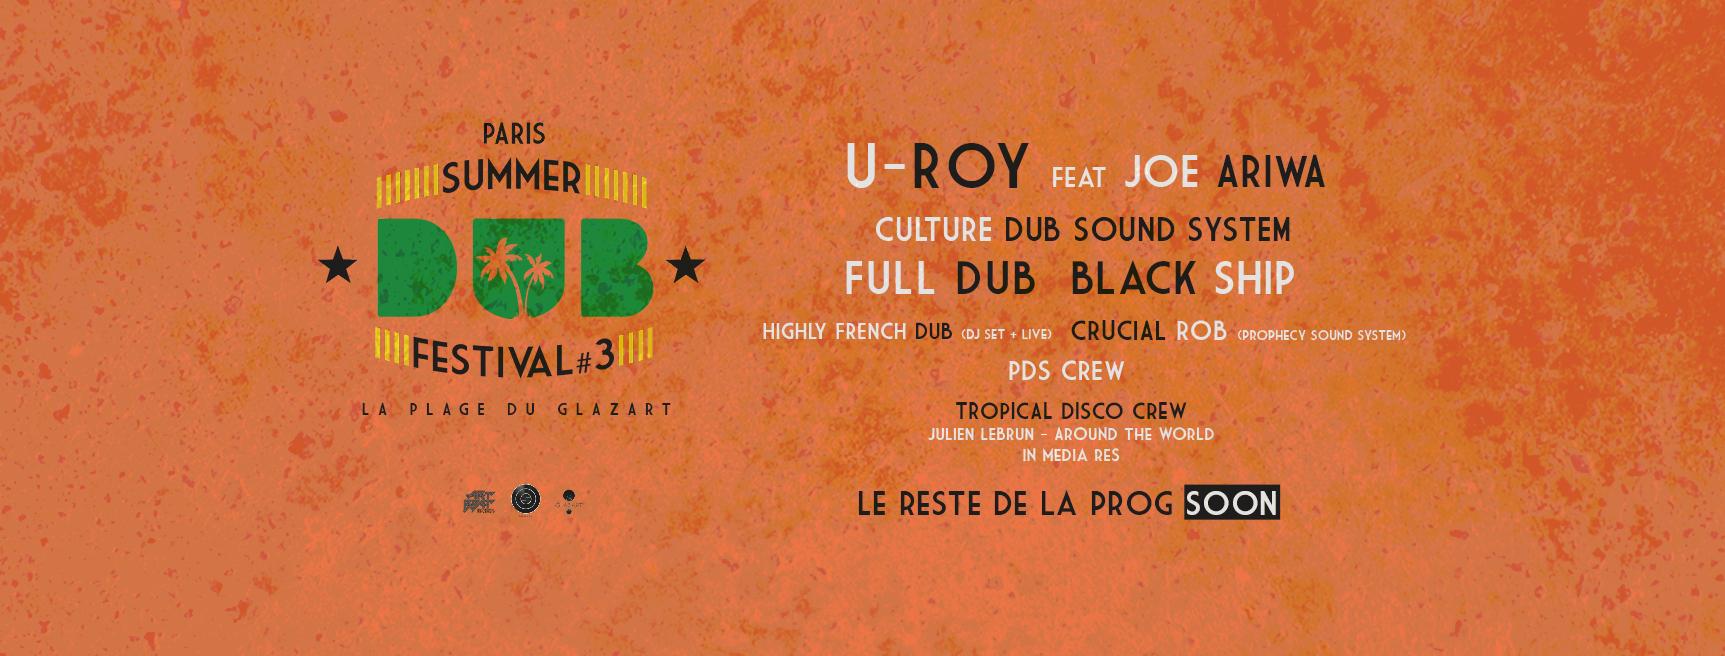 Summer Dub Festival #3 été 2018 – La Plage du Glazart